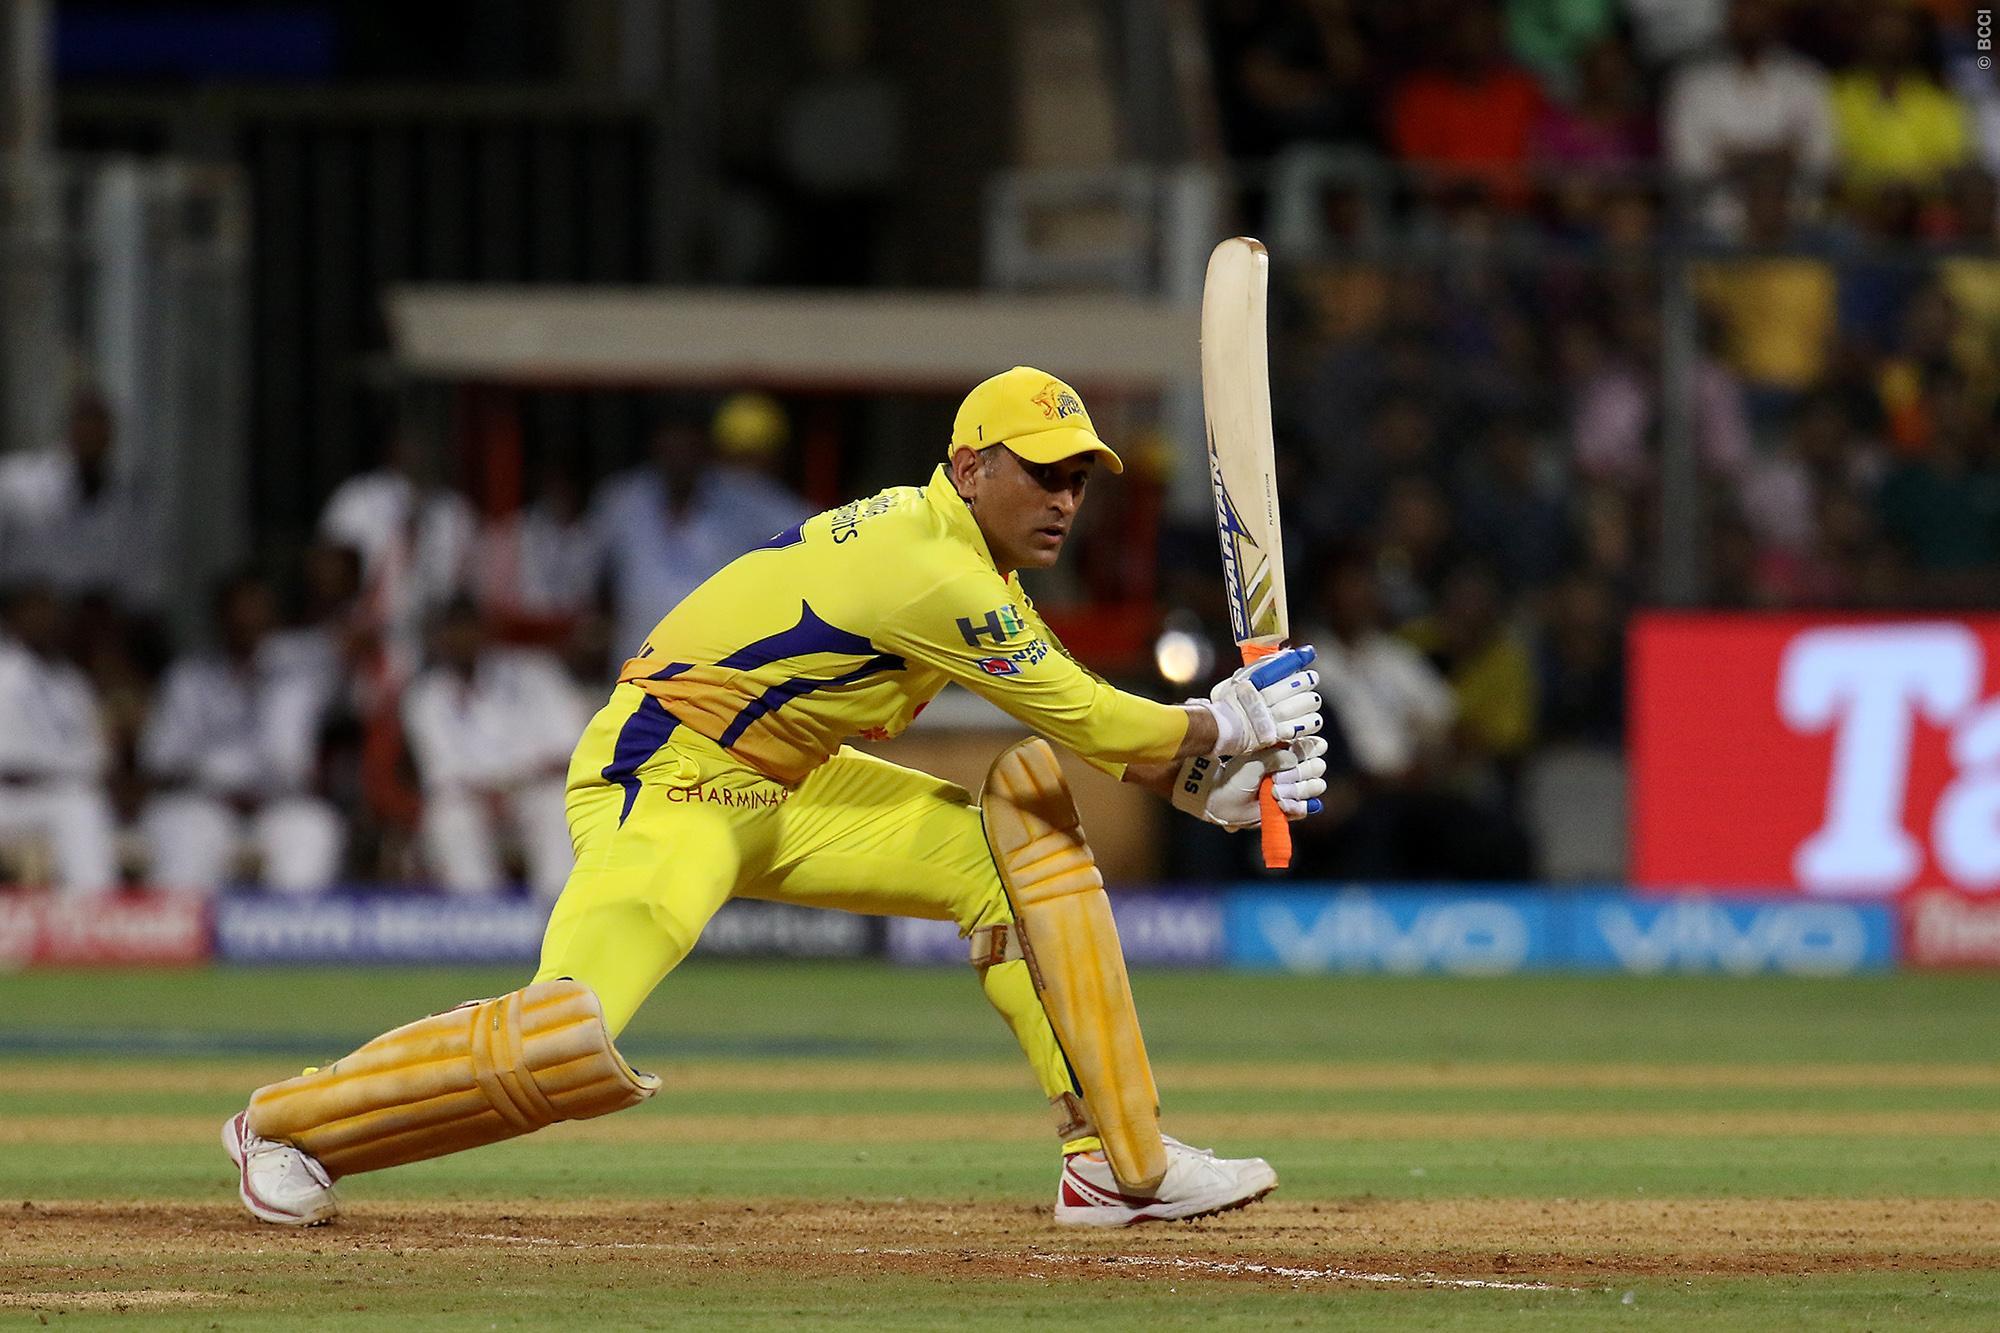 हम यह आईपीएल कप्तान महेंद्र सिंह धोनी के लिए जीतना चाहते है: सुरेश रैना 1